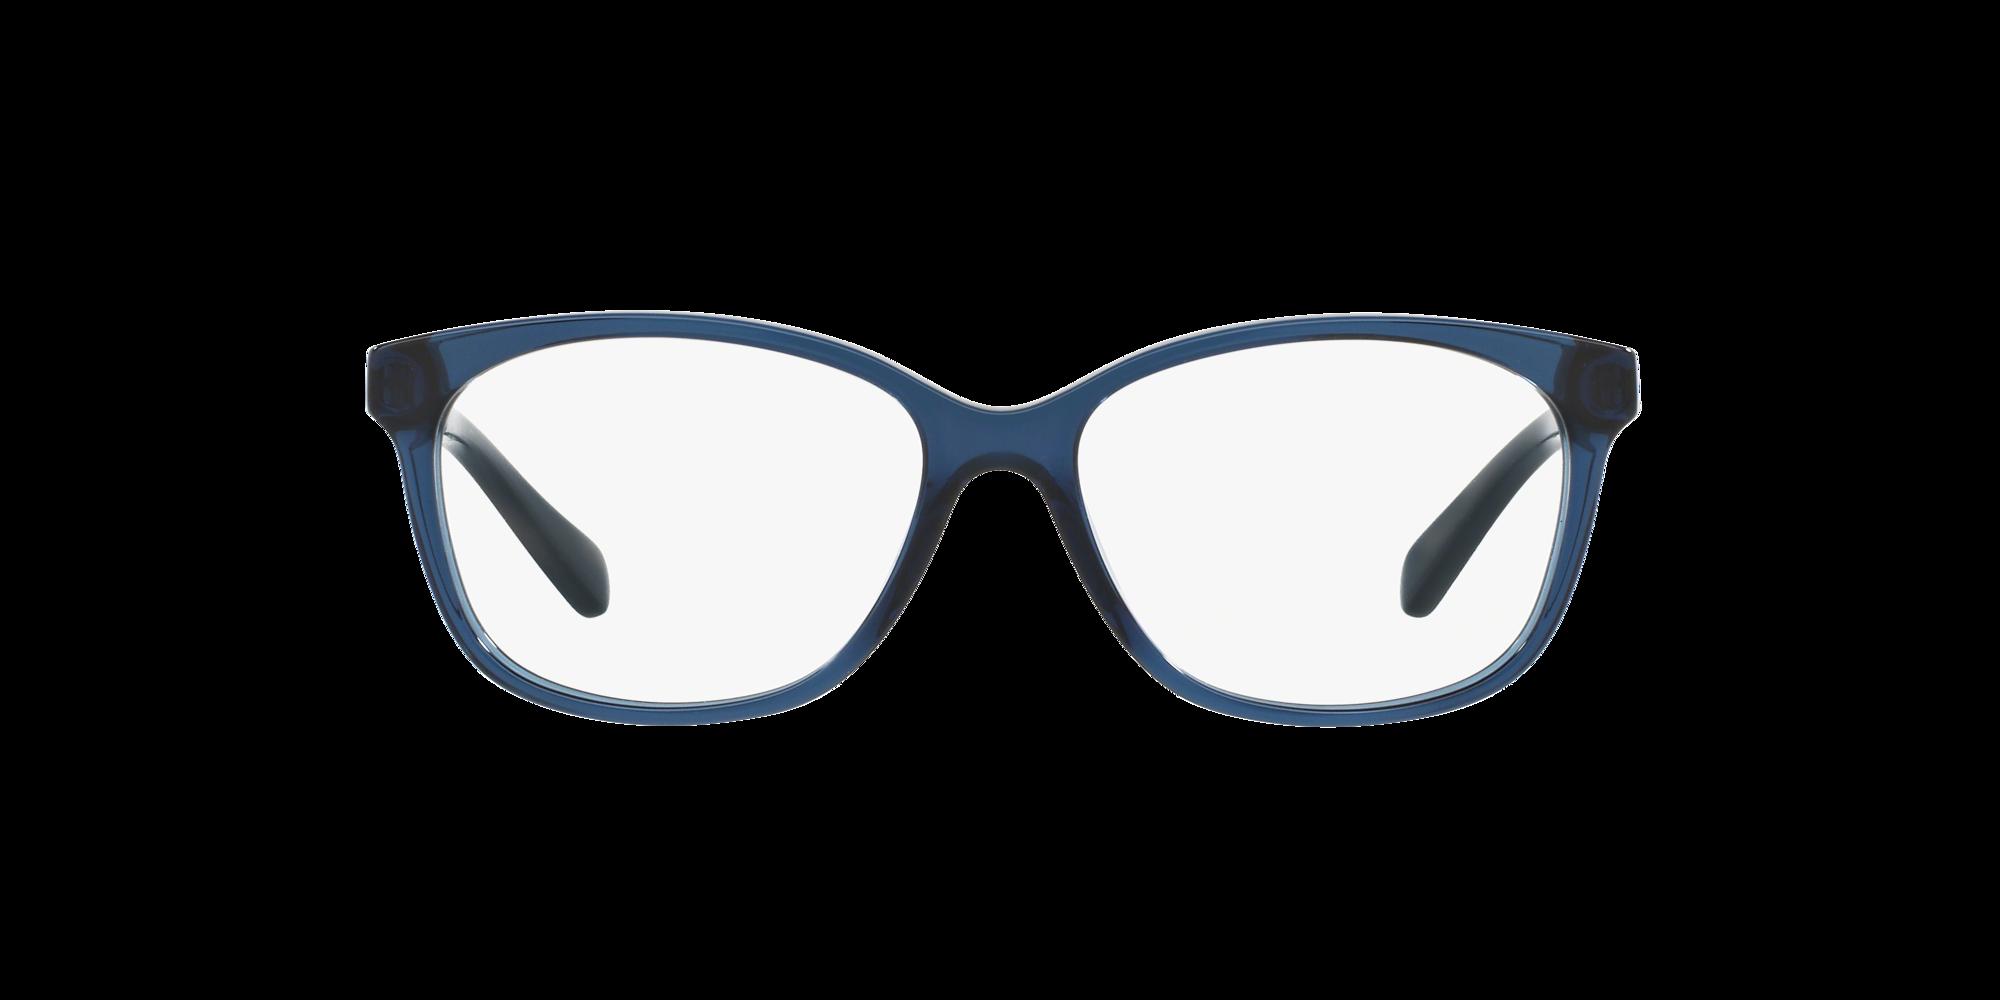 Imagen para MK4035 AMBROSINE de LensCrafters |  Espejuelos, espejuelos graduados en línea, gafas